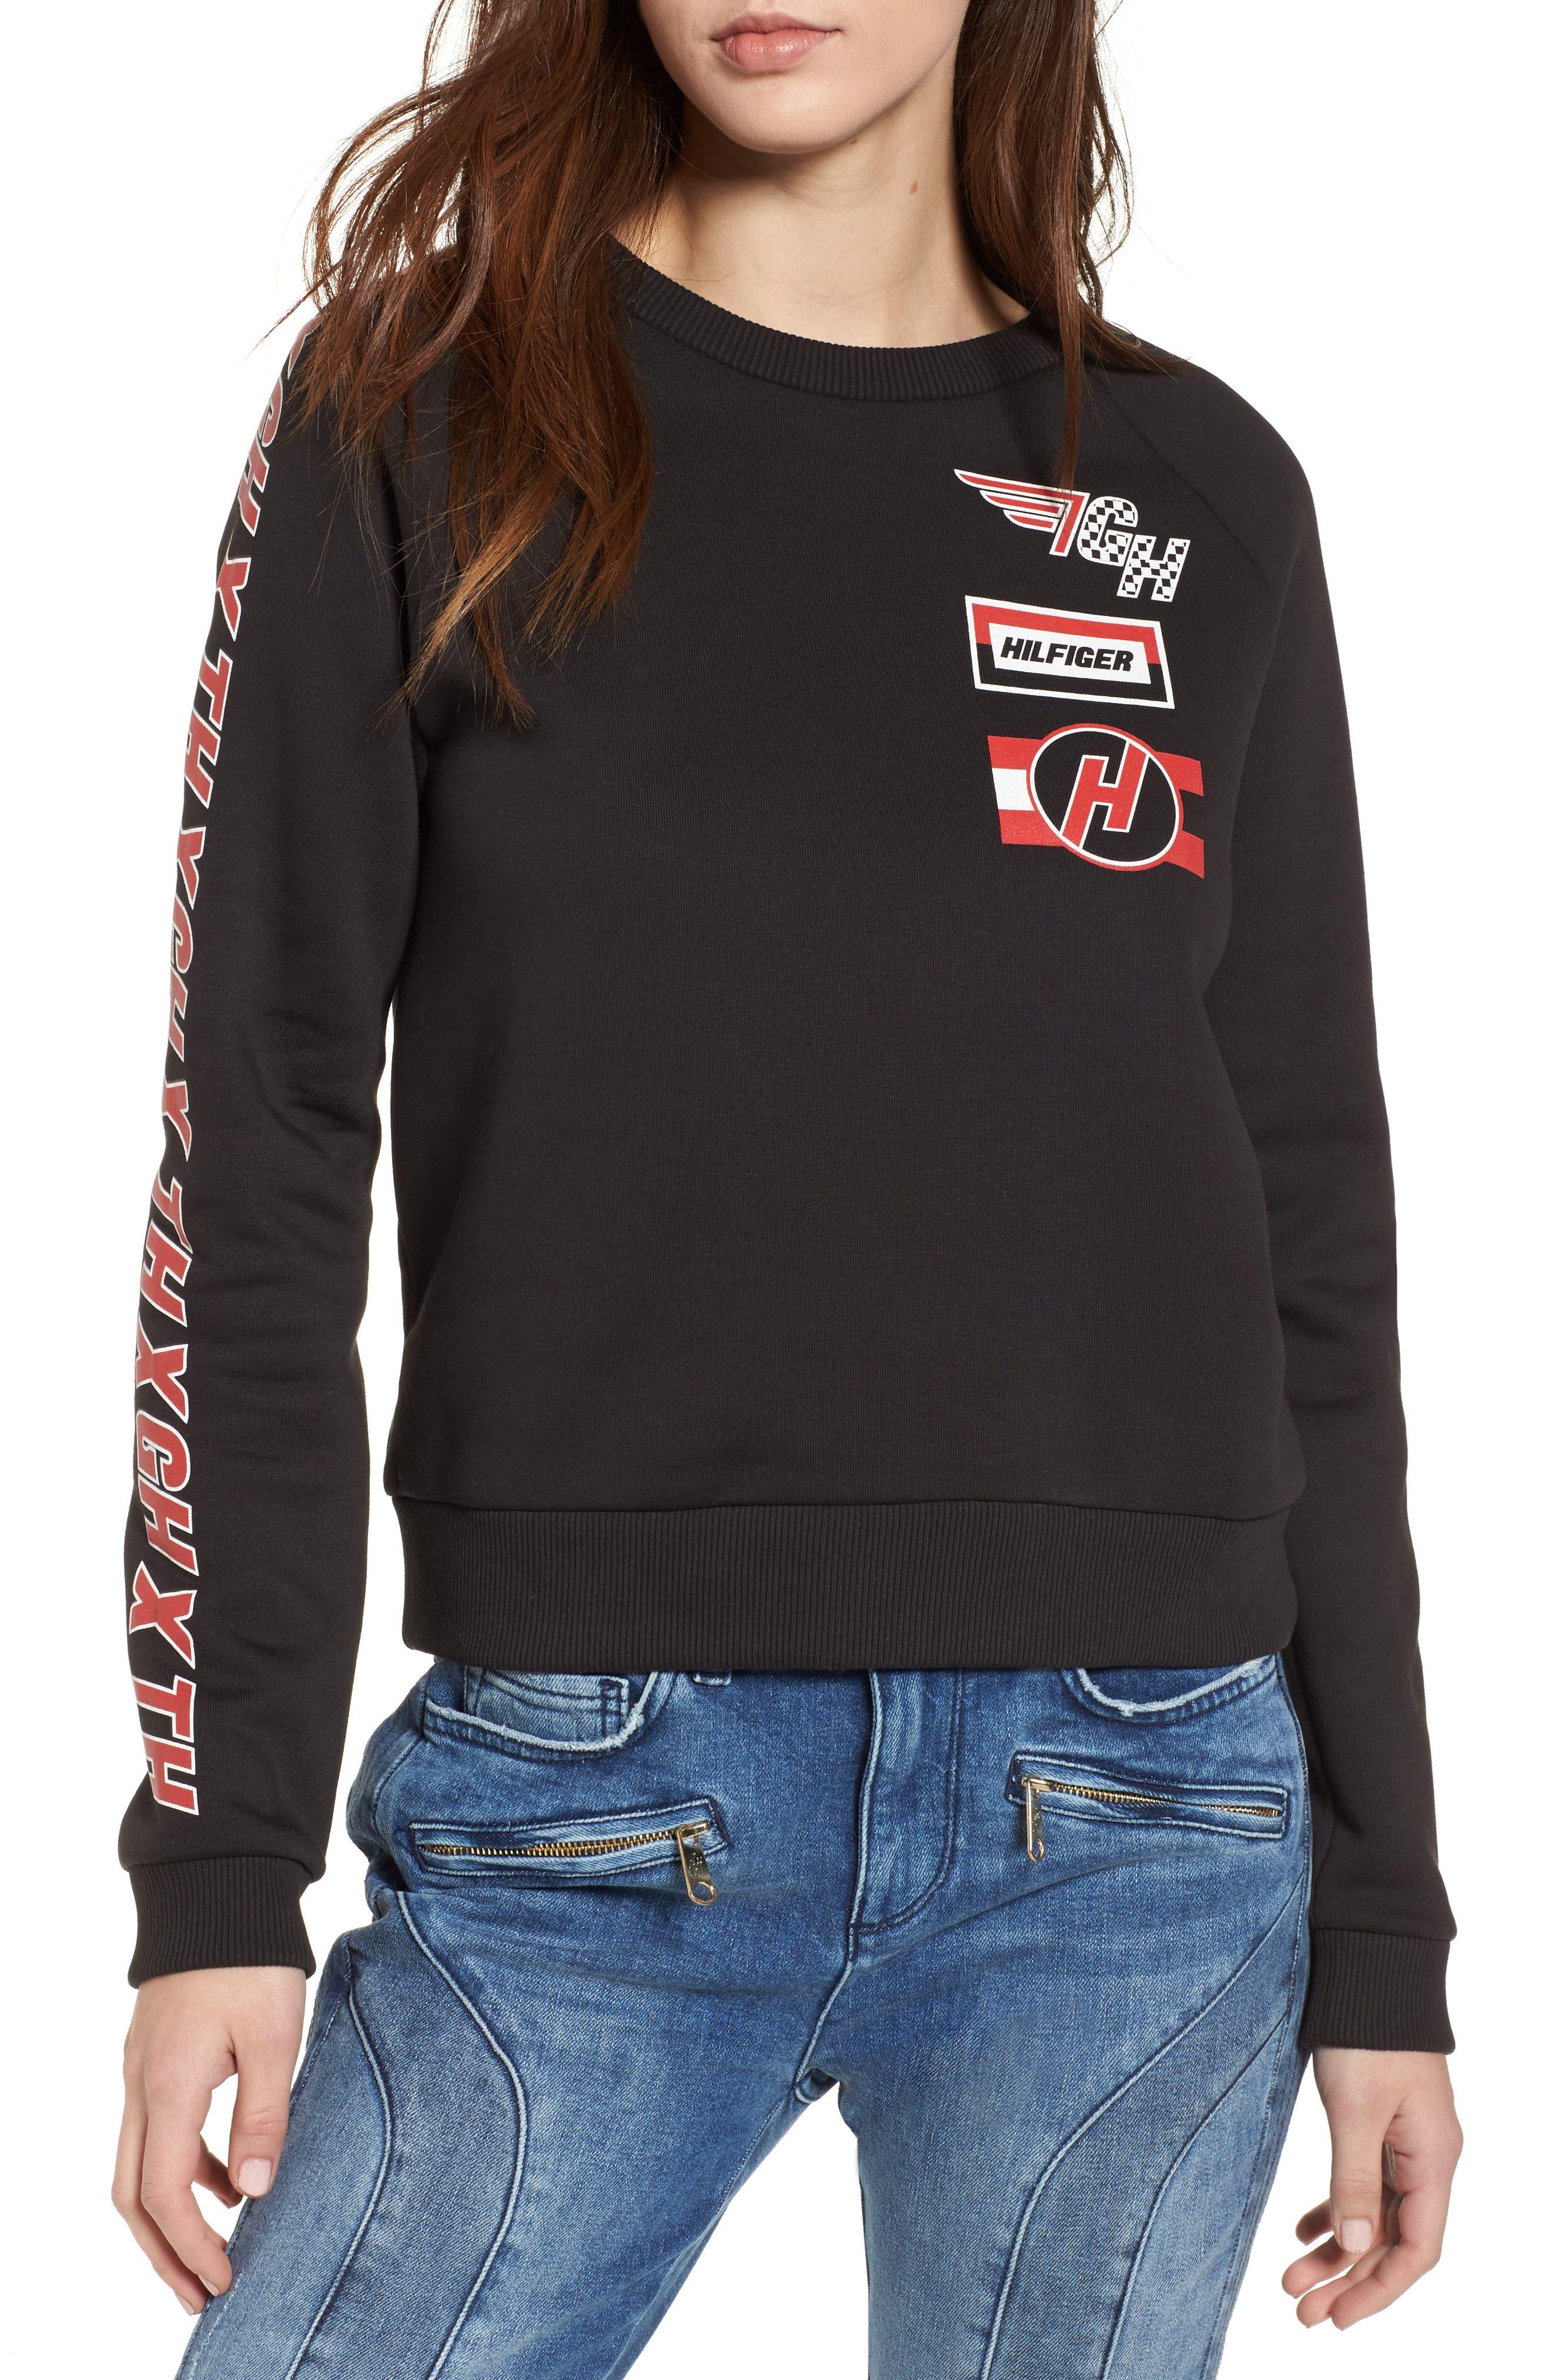 Alternate Image 1 Selected - TOMMY JEANS x Gigi Hadid Team Sweatshirt